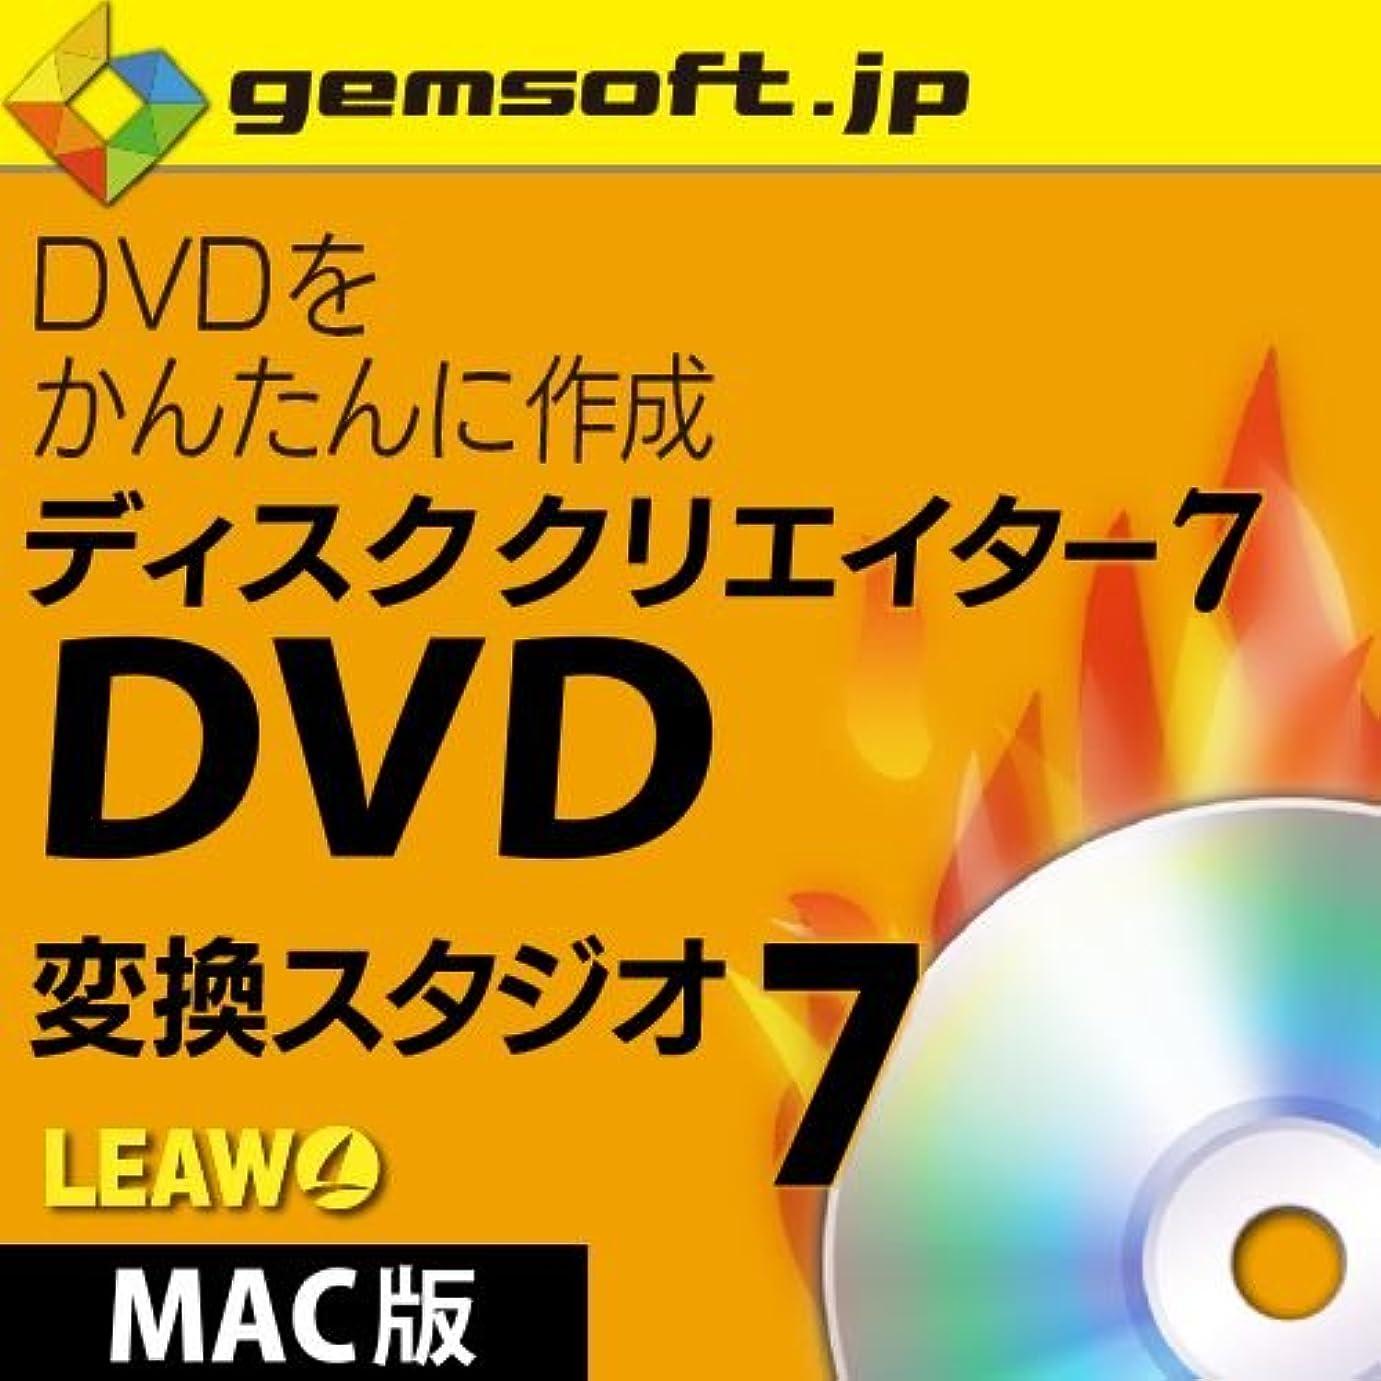 時間とともに信頼聴衆ディスク クリエイター7 DVD MAC版|ダウンロード版